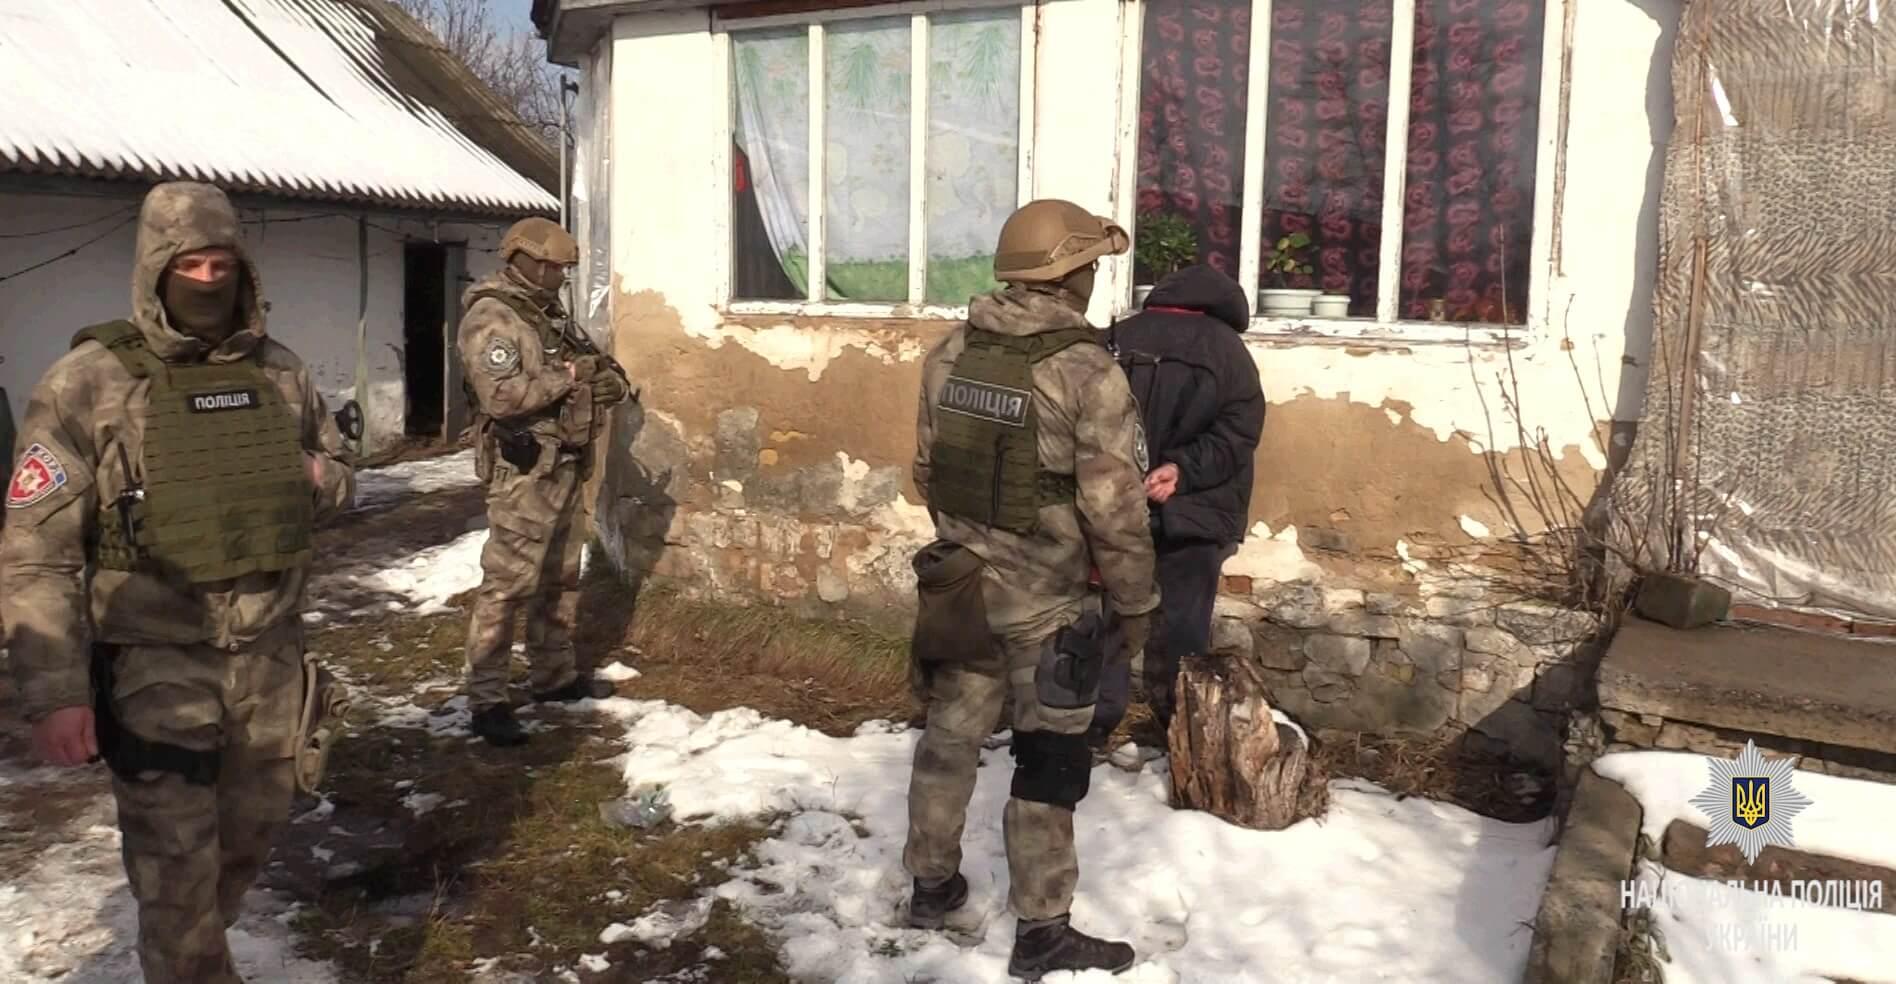 Կիևի ոստիկանությունը ազատել է առևանգված հայ գործարար Սուրեն Մամայանին